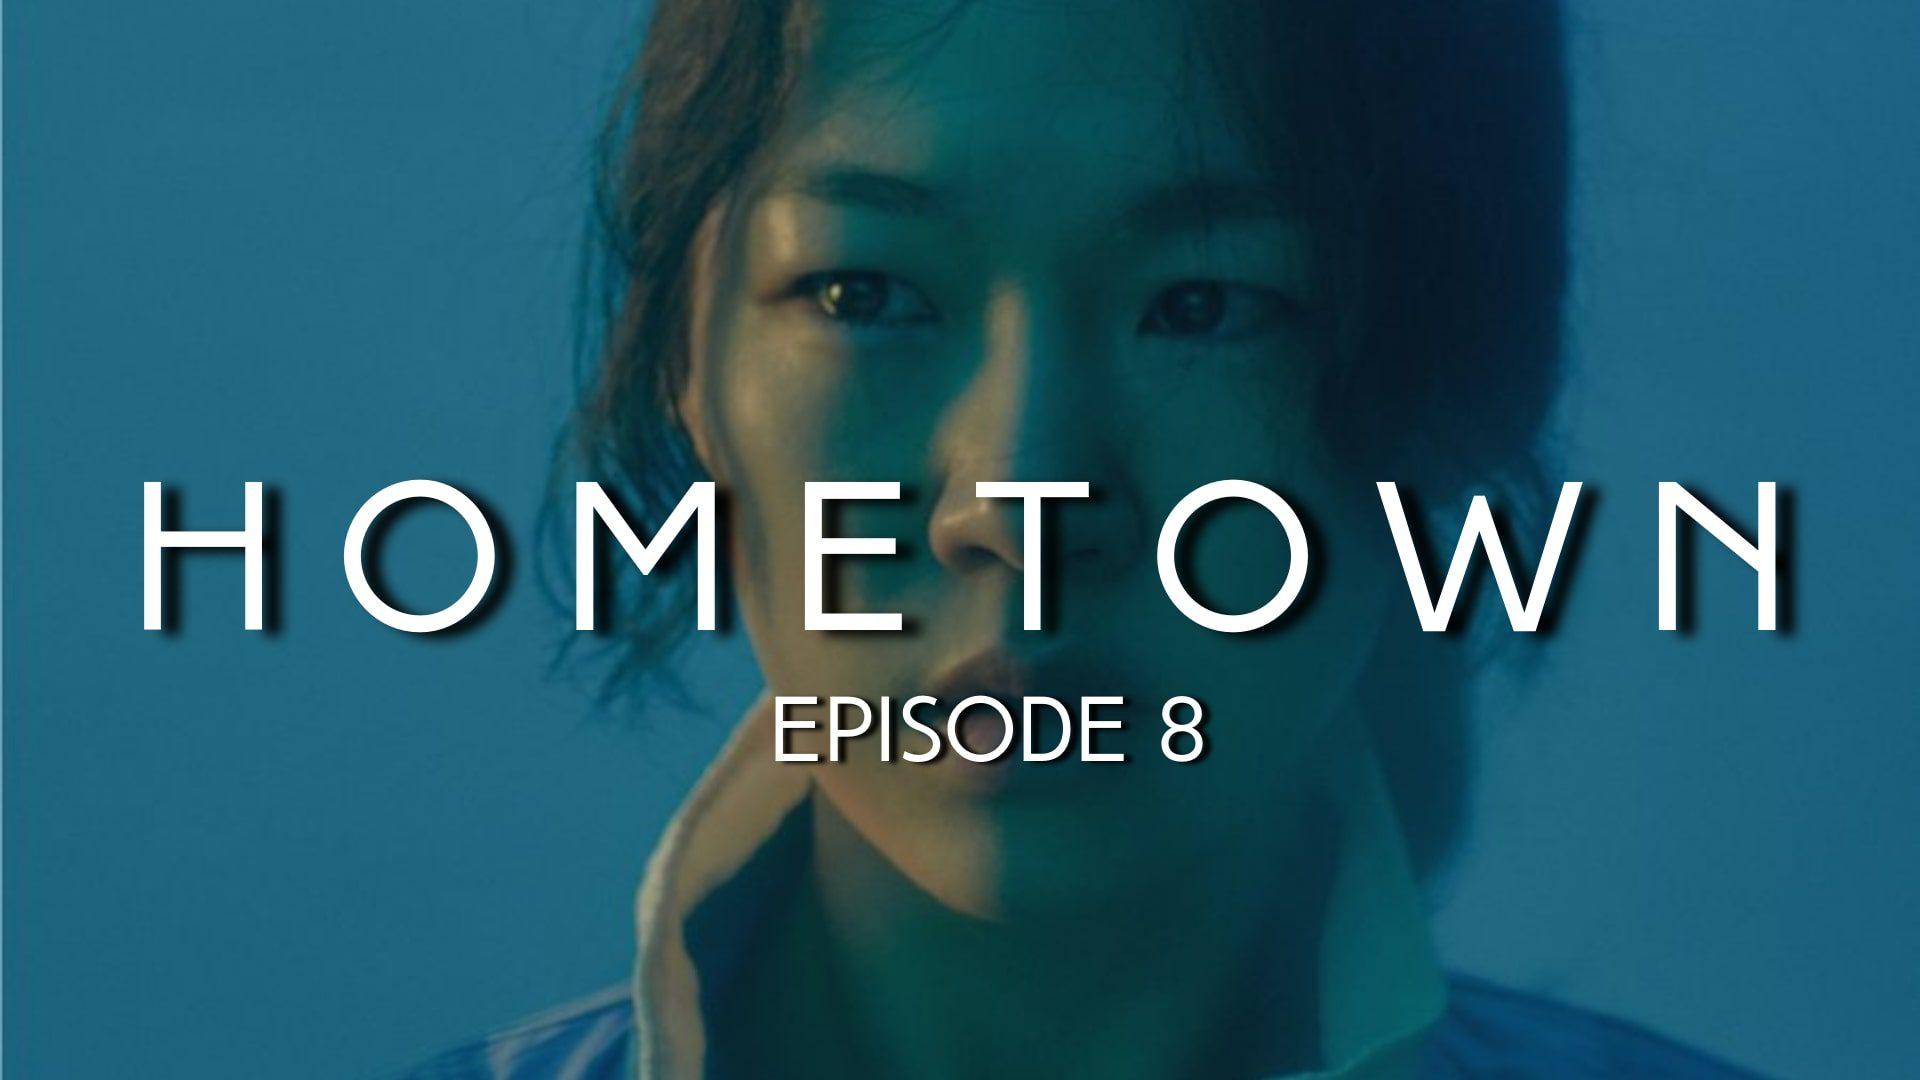 Hometown episode 8